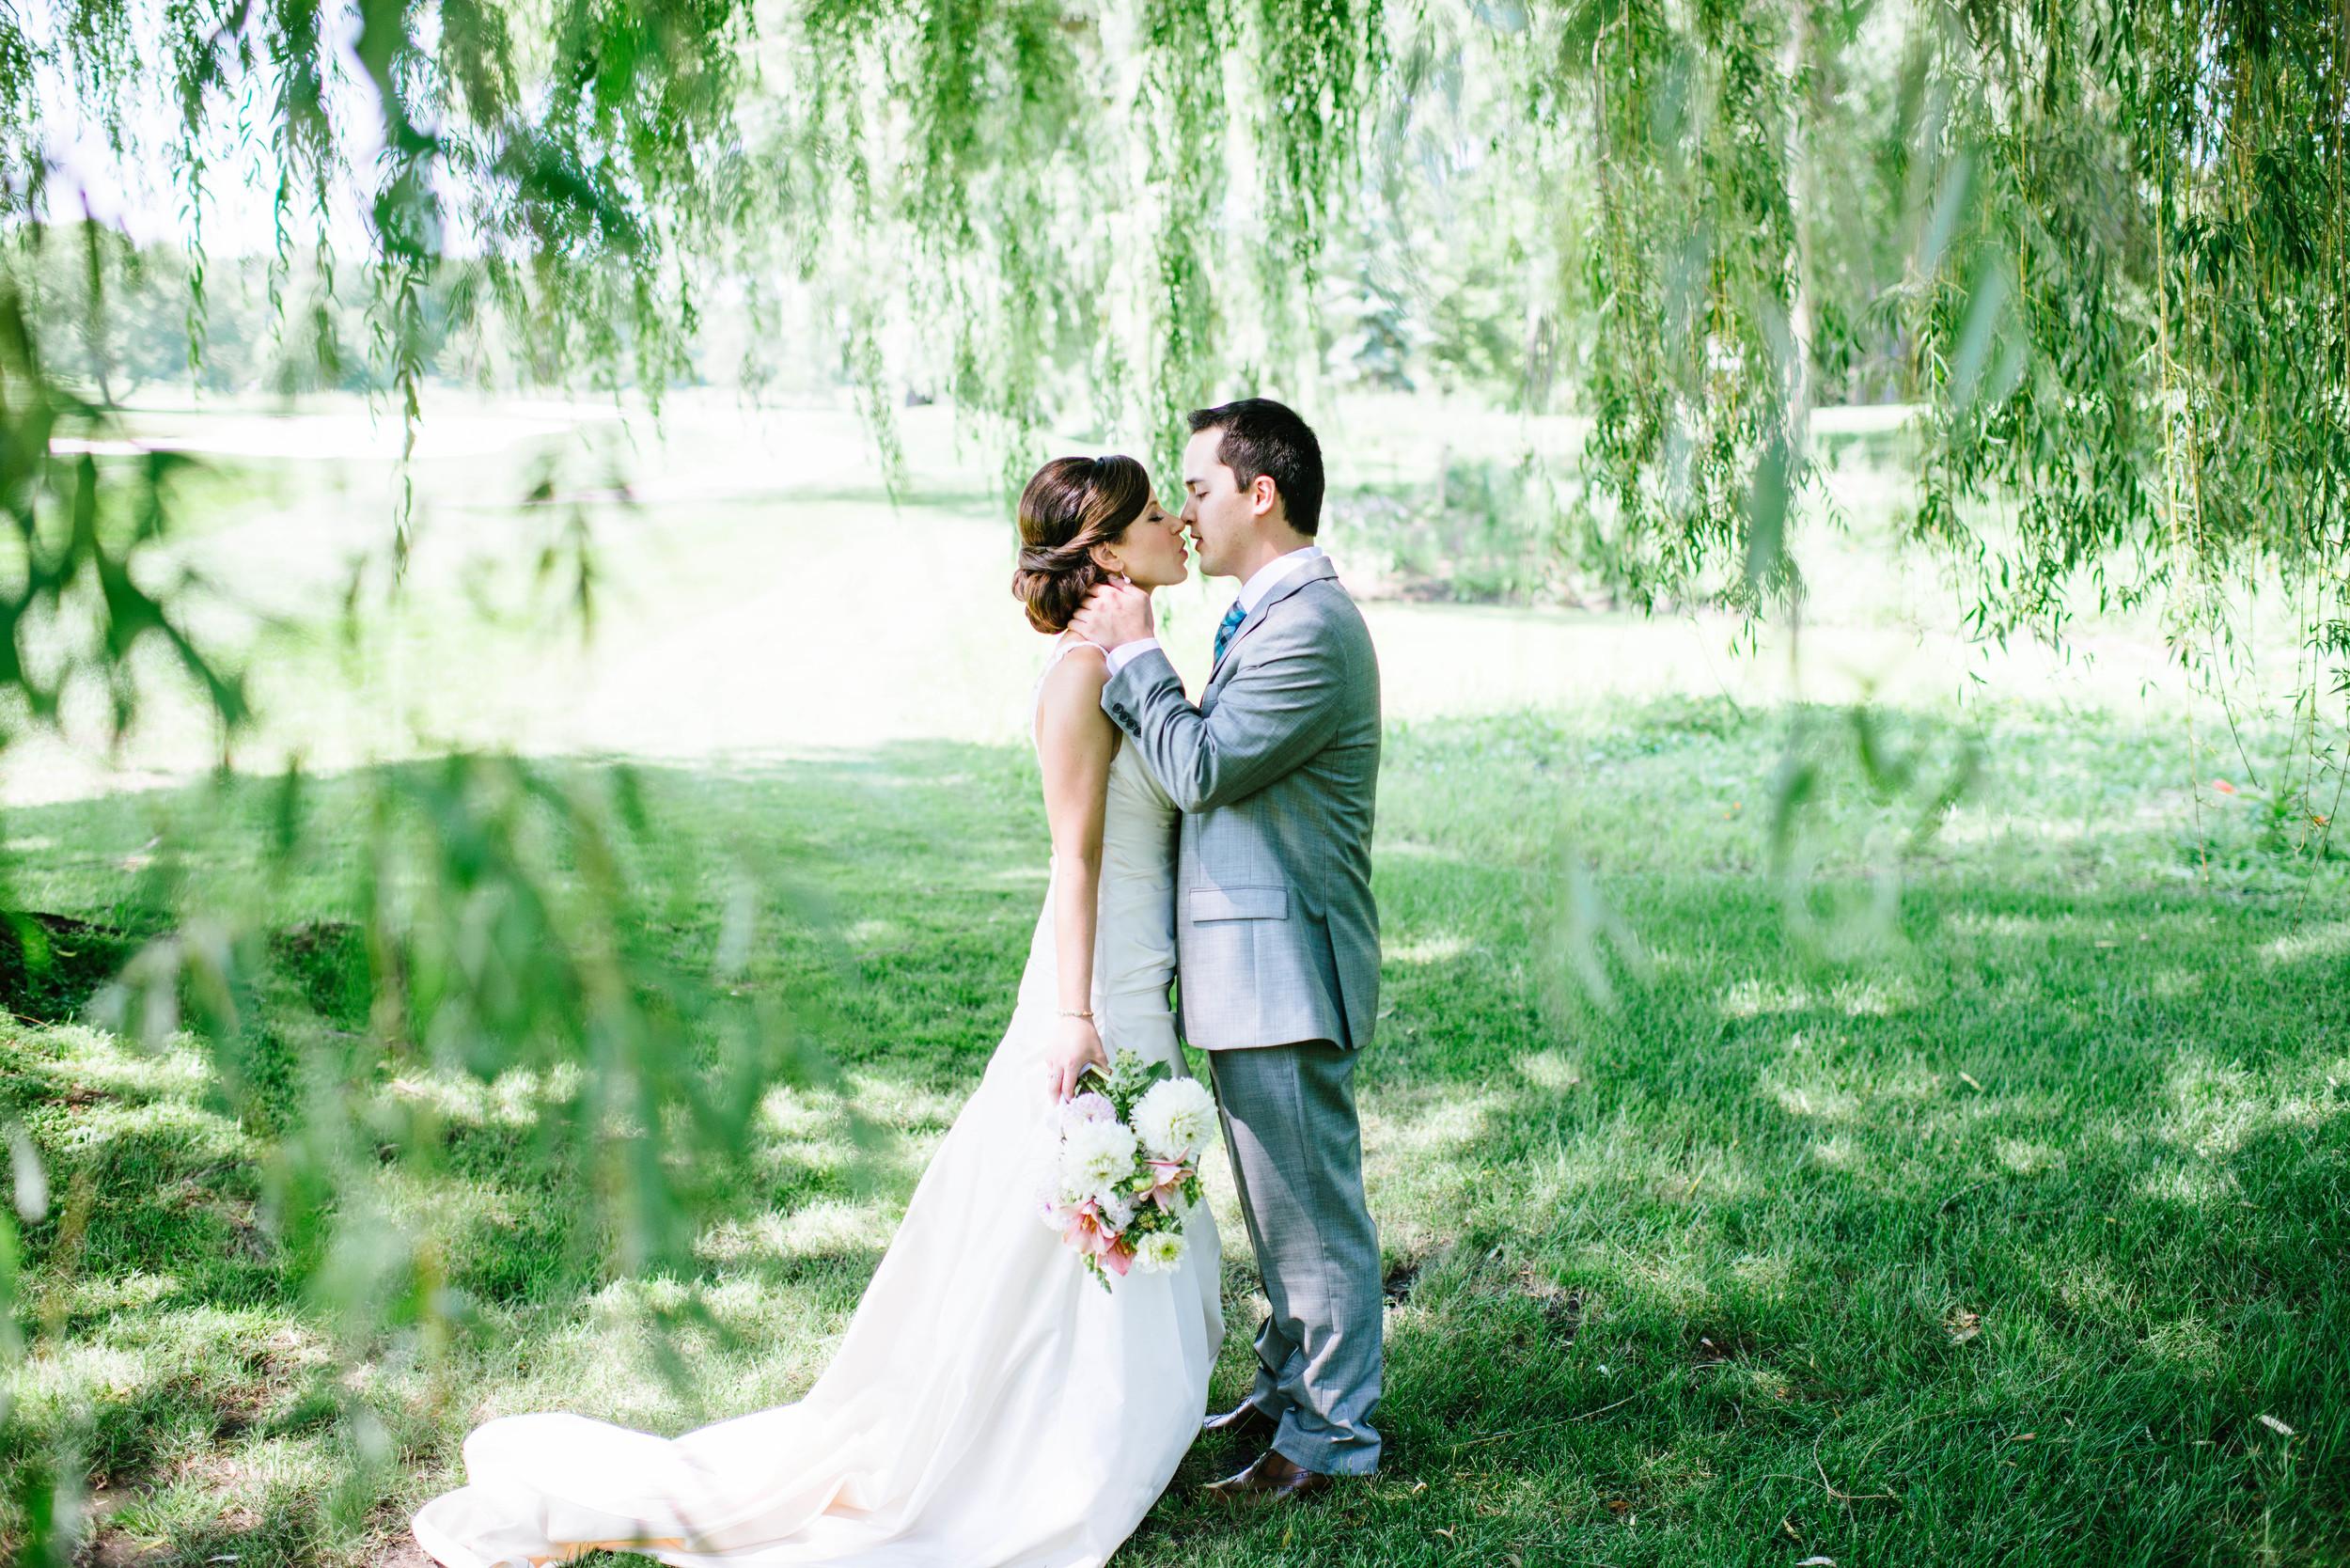 wedding2014-146.jpg